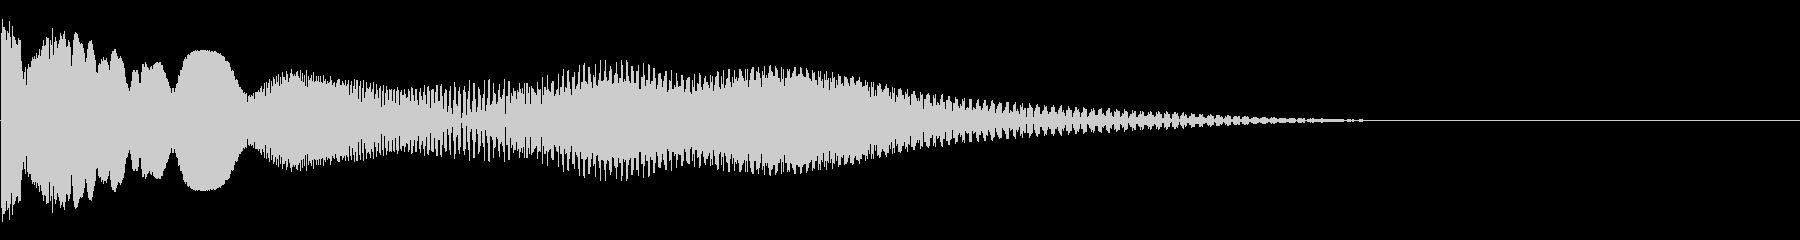 蚊の未再生の波形